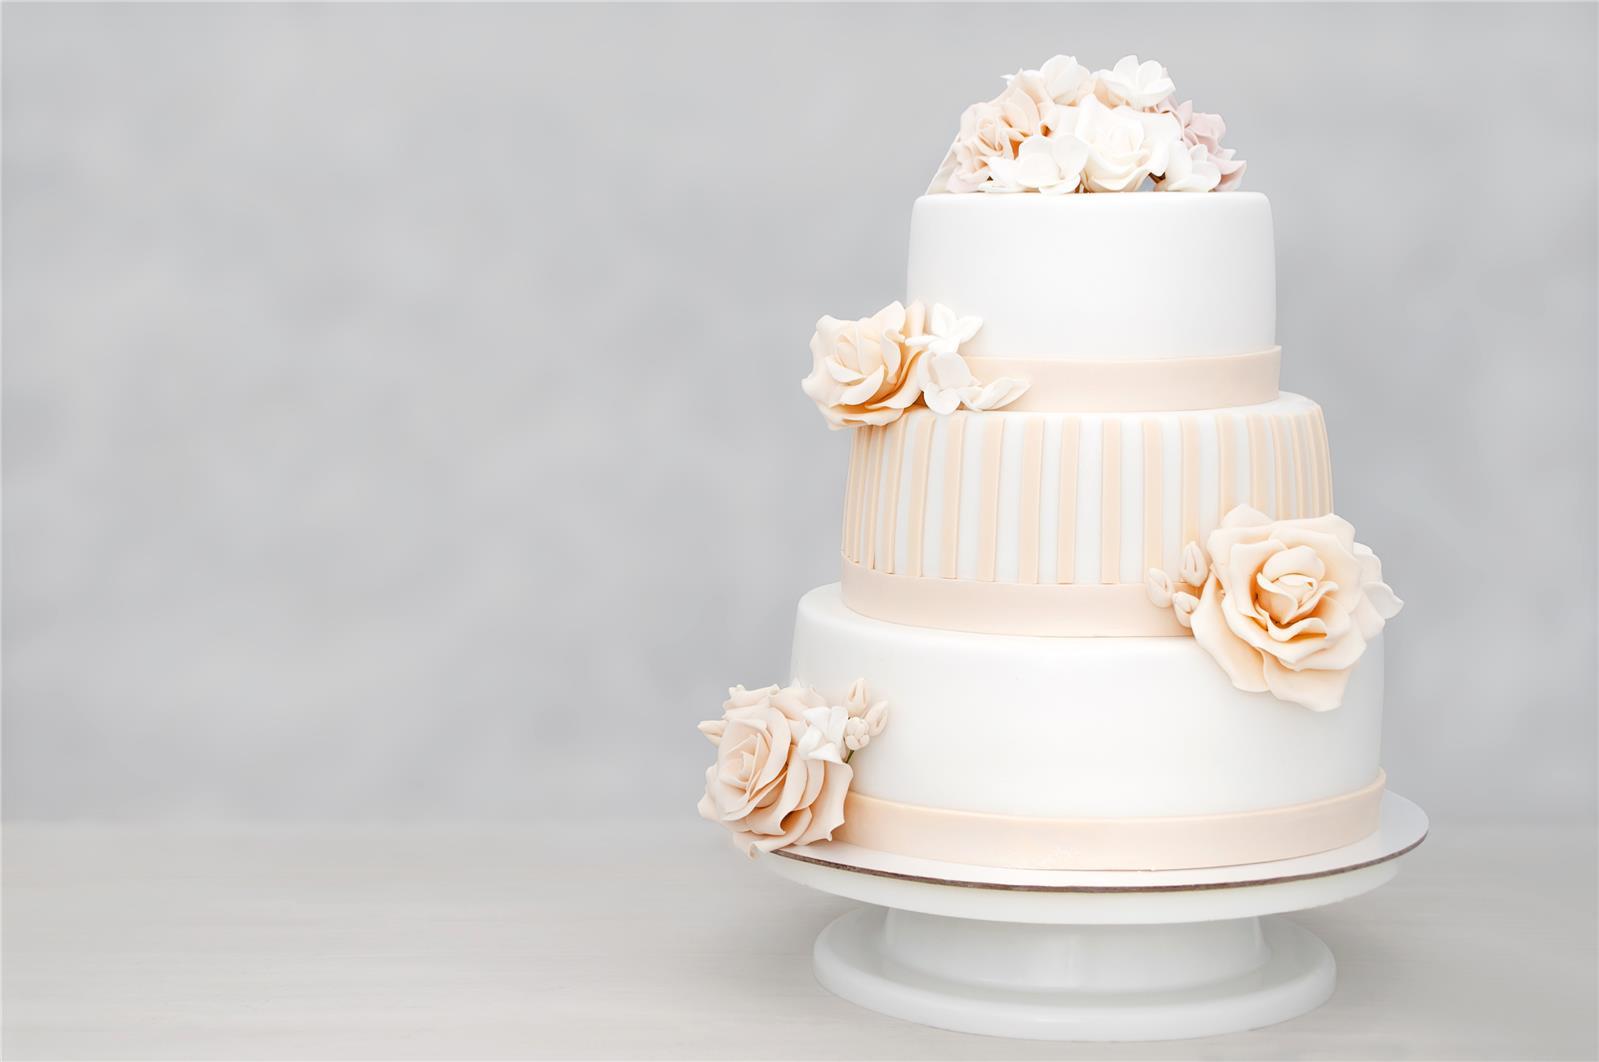 עוגת חתונה סופר פוטוגנית